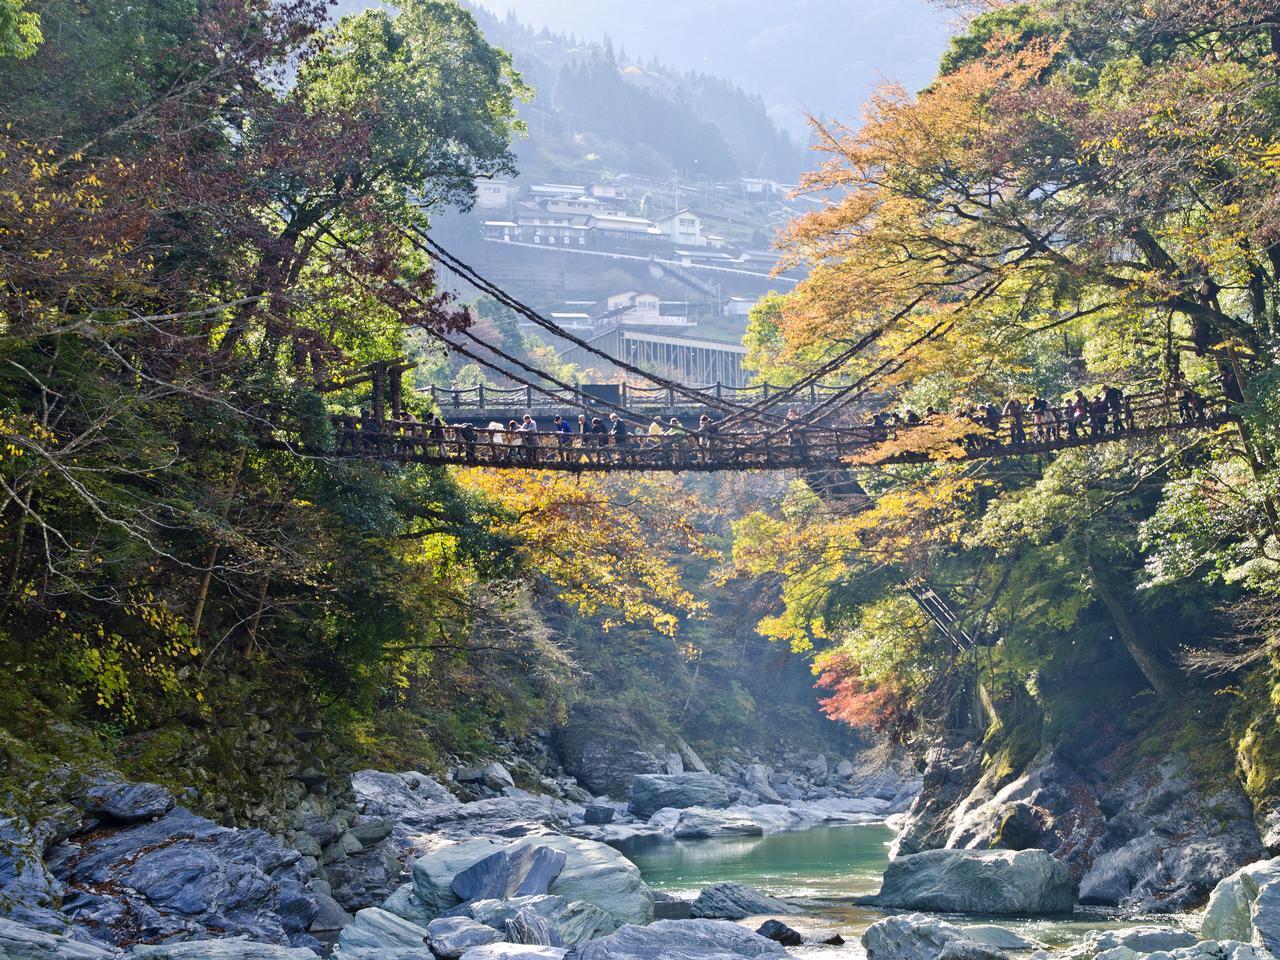 The Iya valley and Kazurabashi bridge, Tokushima, Shikoku, Japan